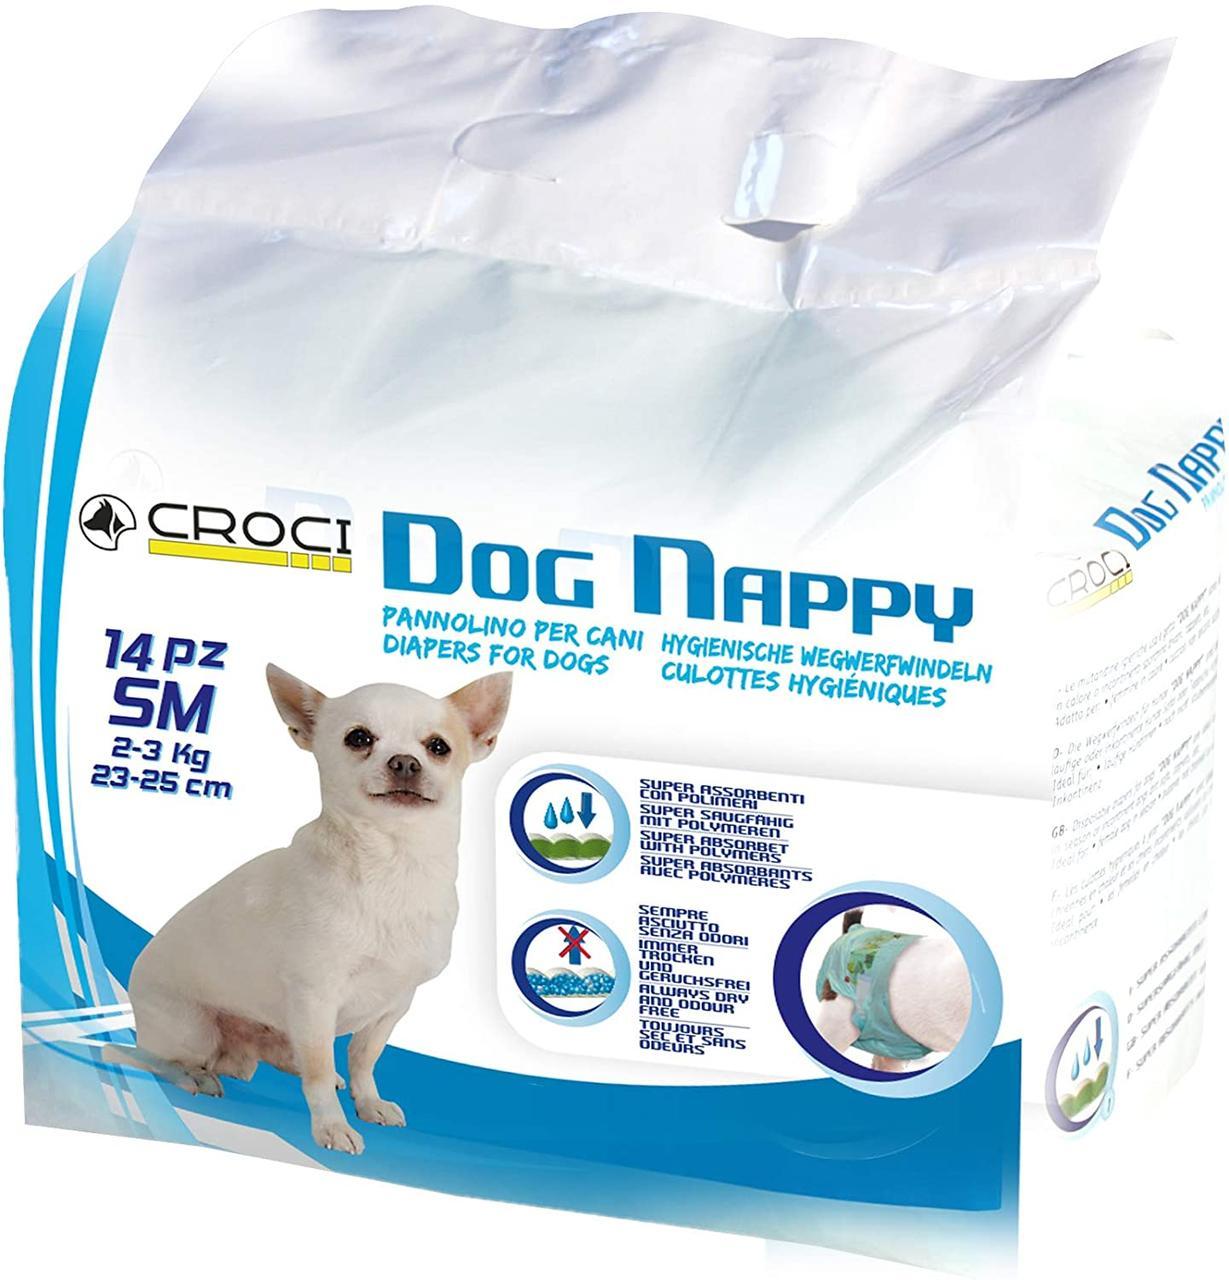 Подгузники для собак 23-25 см Croci Dog nappy S (14 шт/уп)